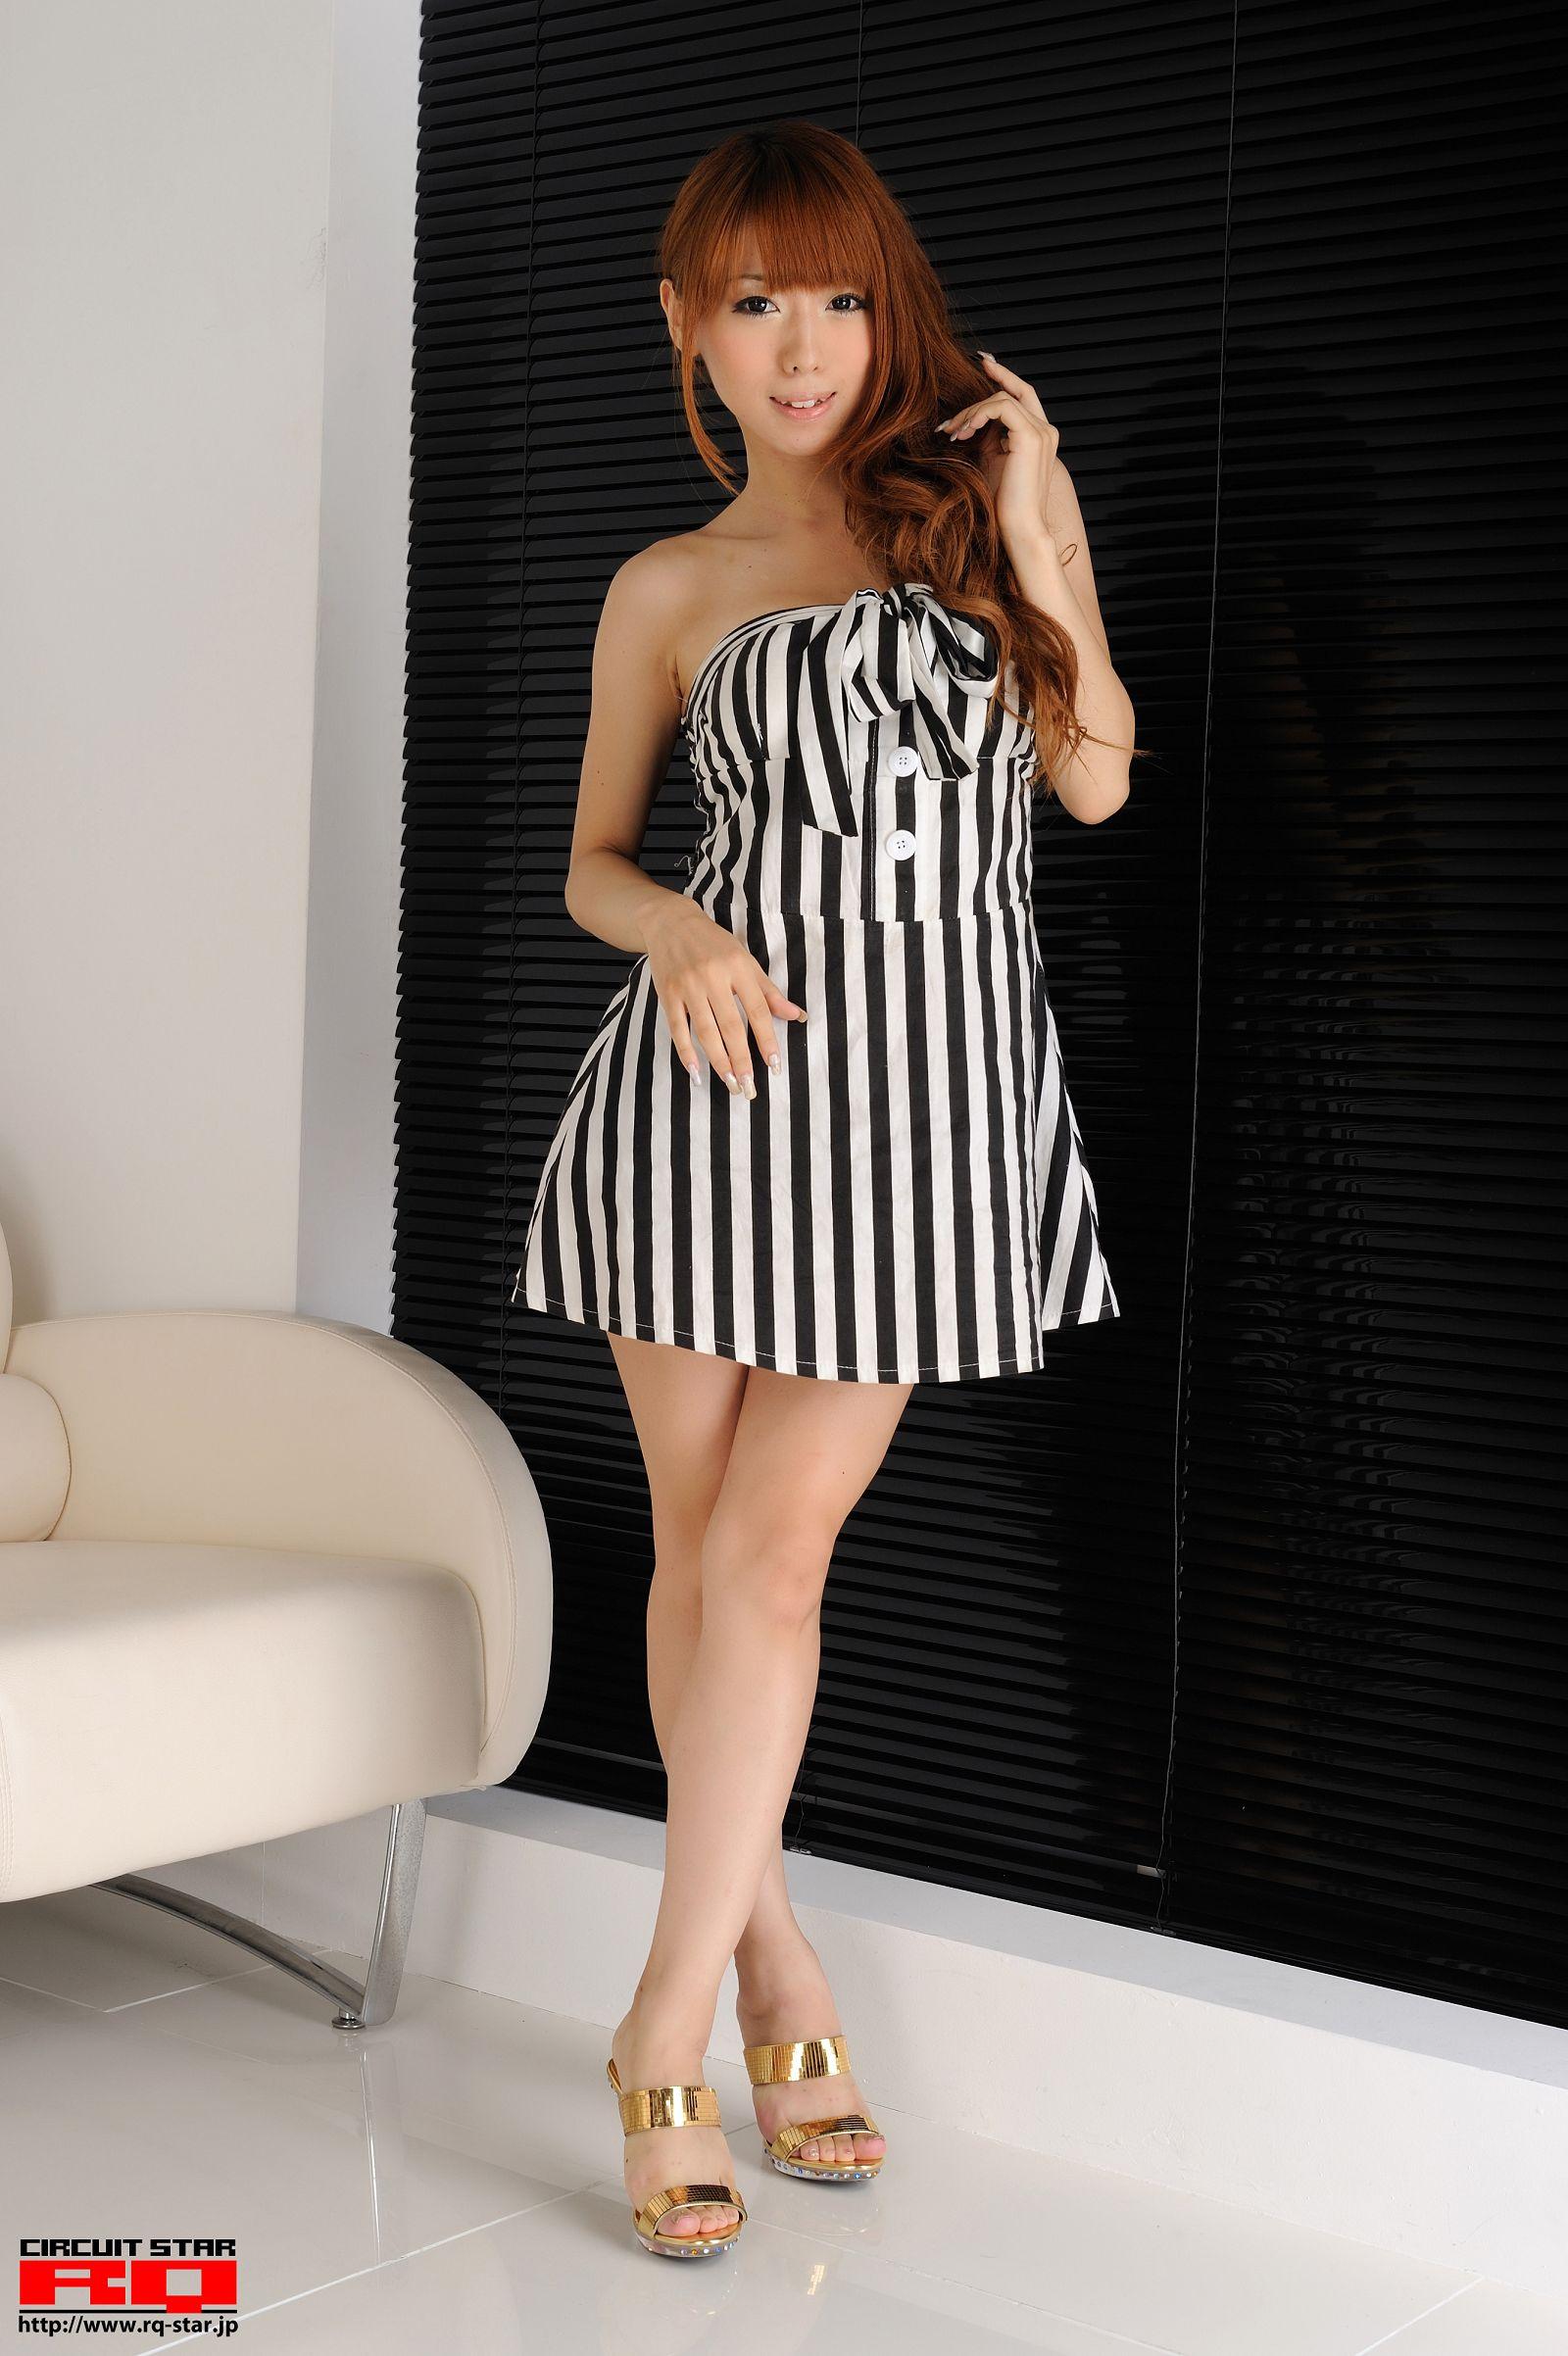 [RQ STAR美女] NO.0397 Yue Fujisaki 藤崎ゆえ Private Dress[103P] RQ STAR 第1张